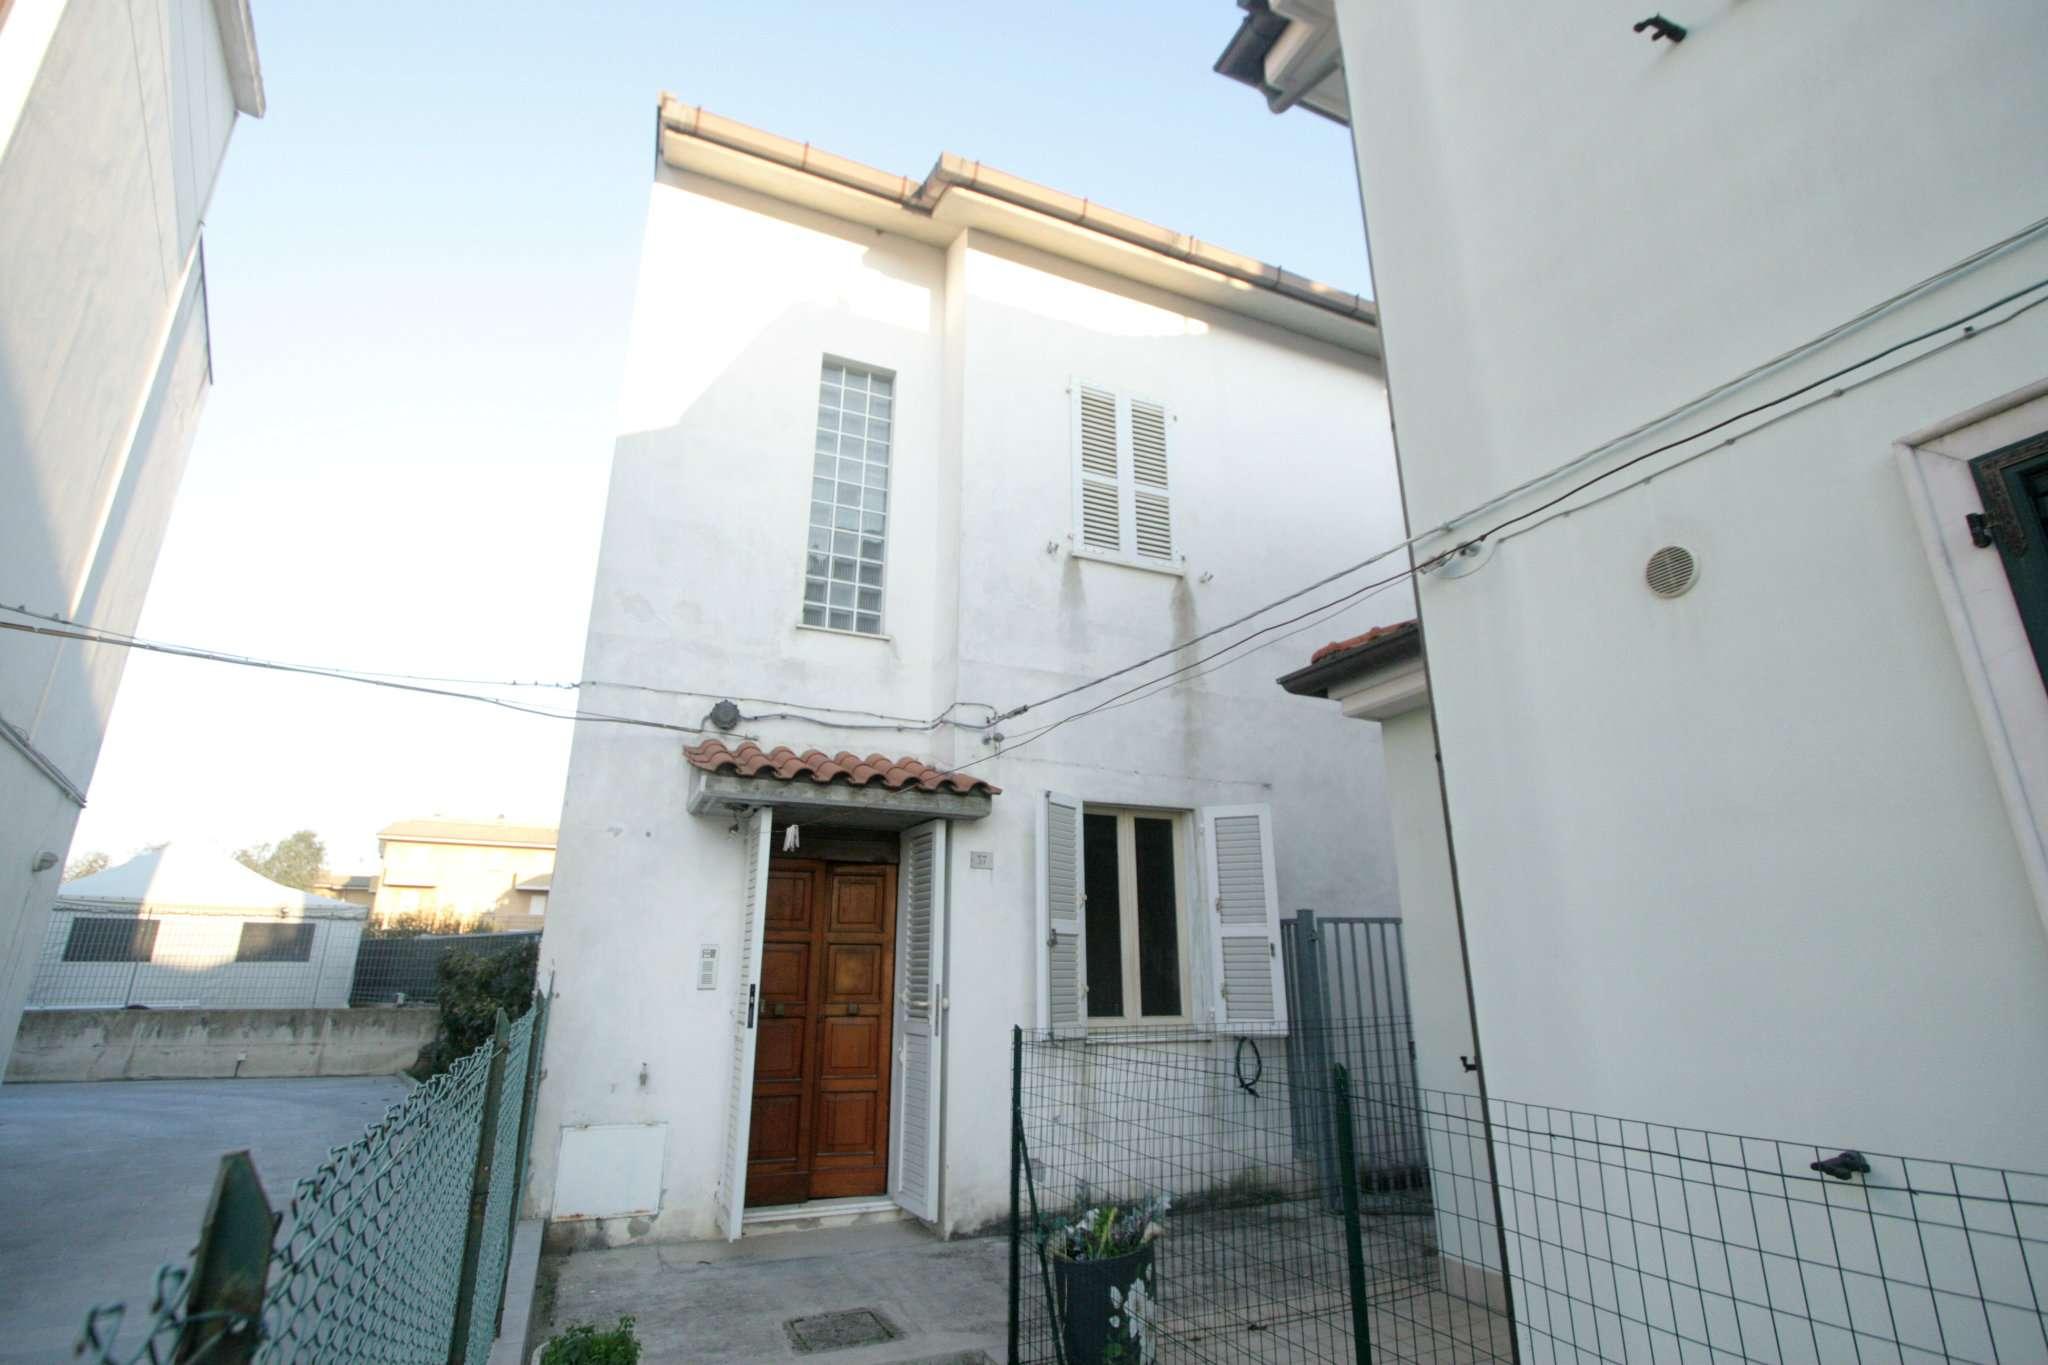 Soluzione Indipendente in vendita a Civitanova Marche, 5 locali, prezzo € 222.000 | Cambio Casa.it